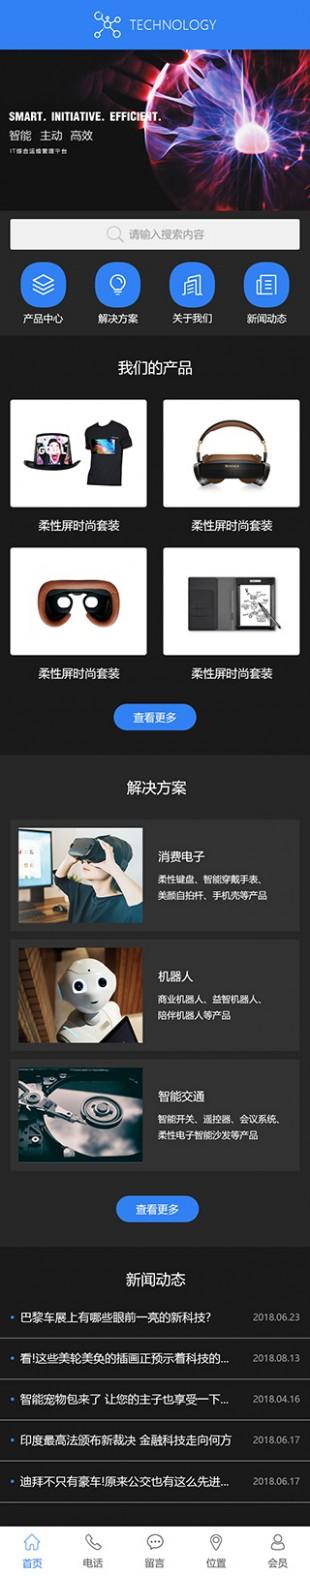 科技公司产品型网站建设模板手机图片